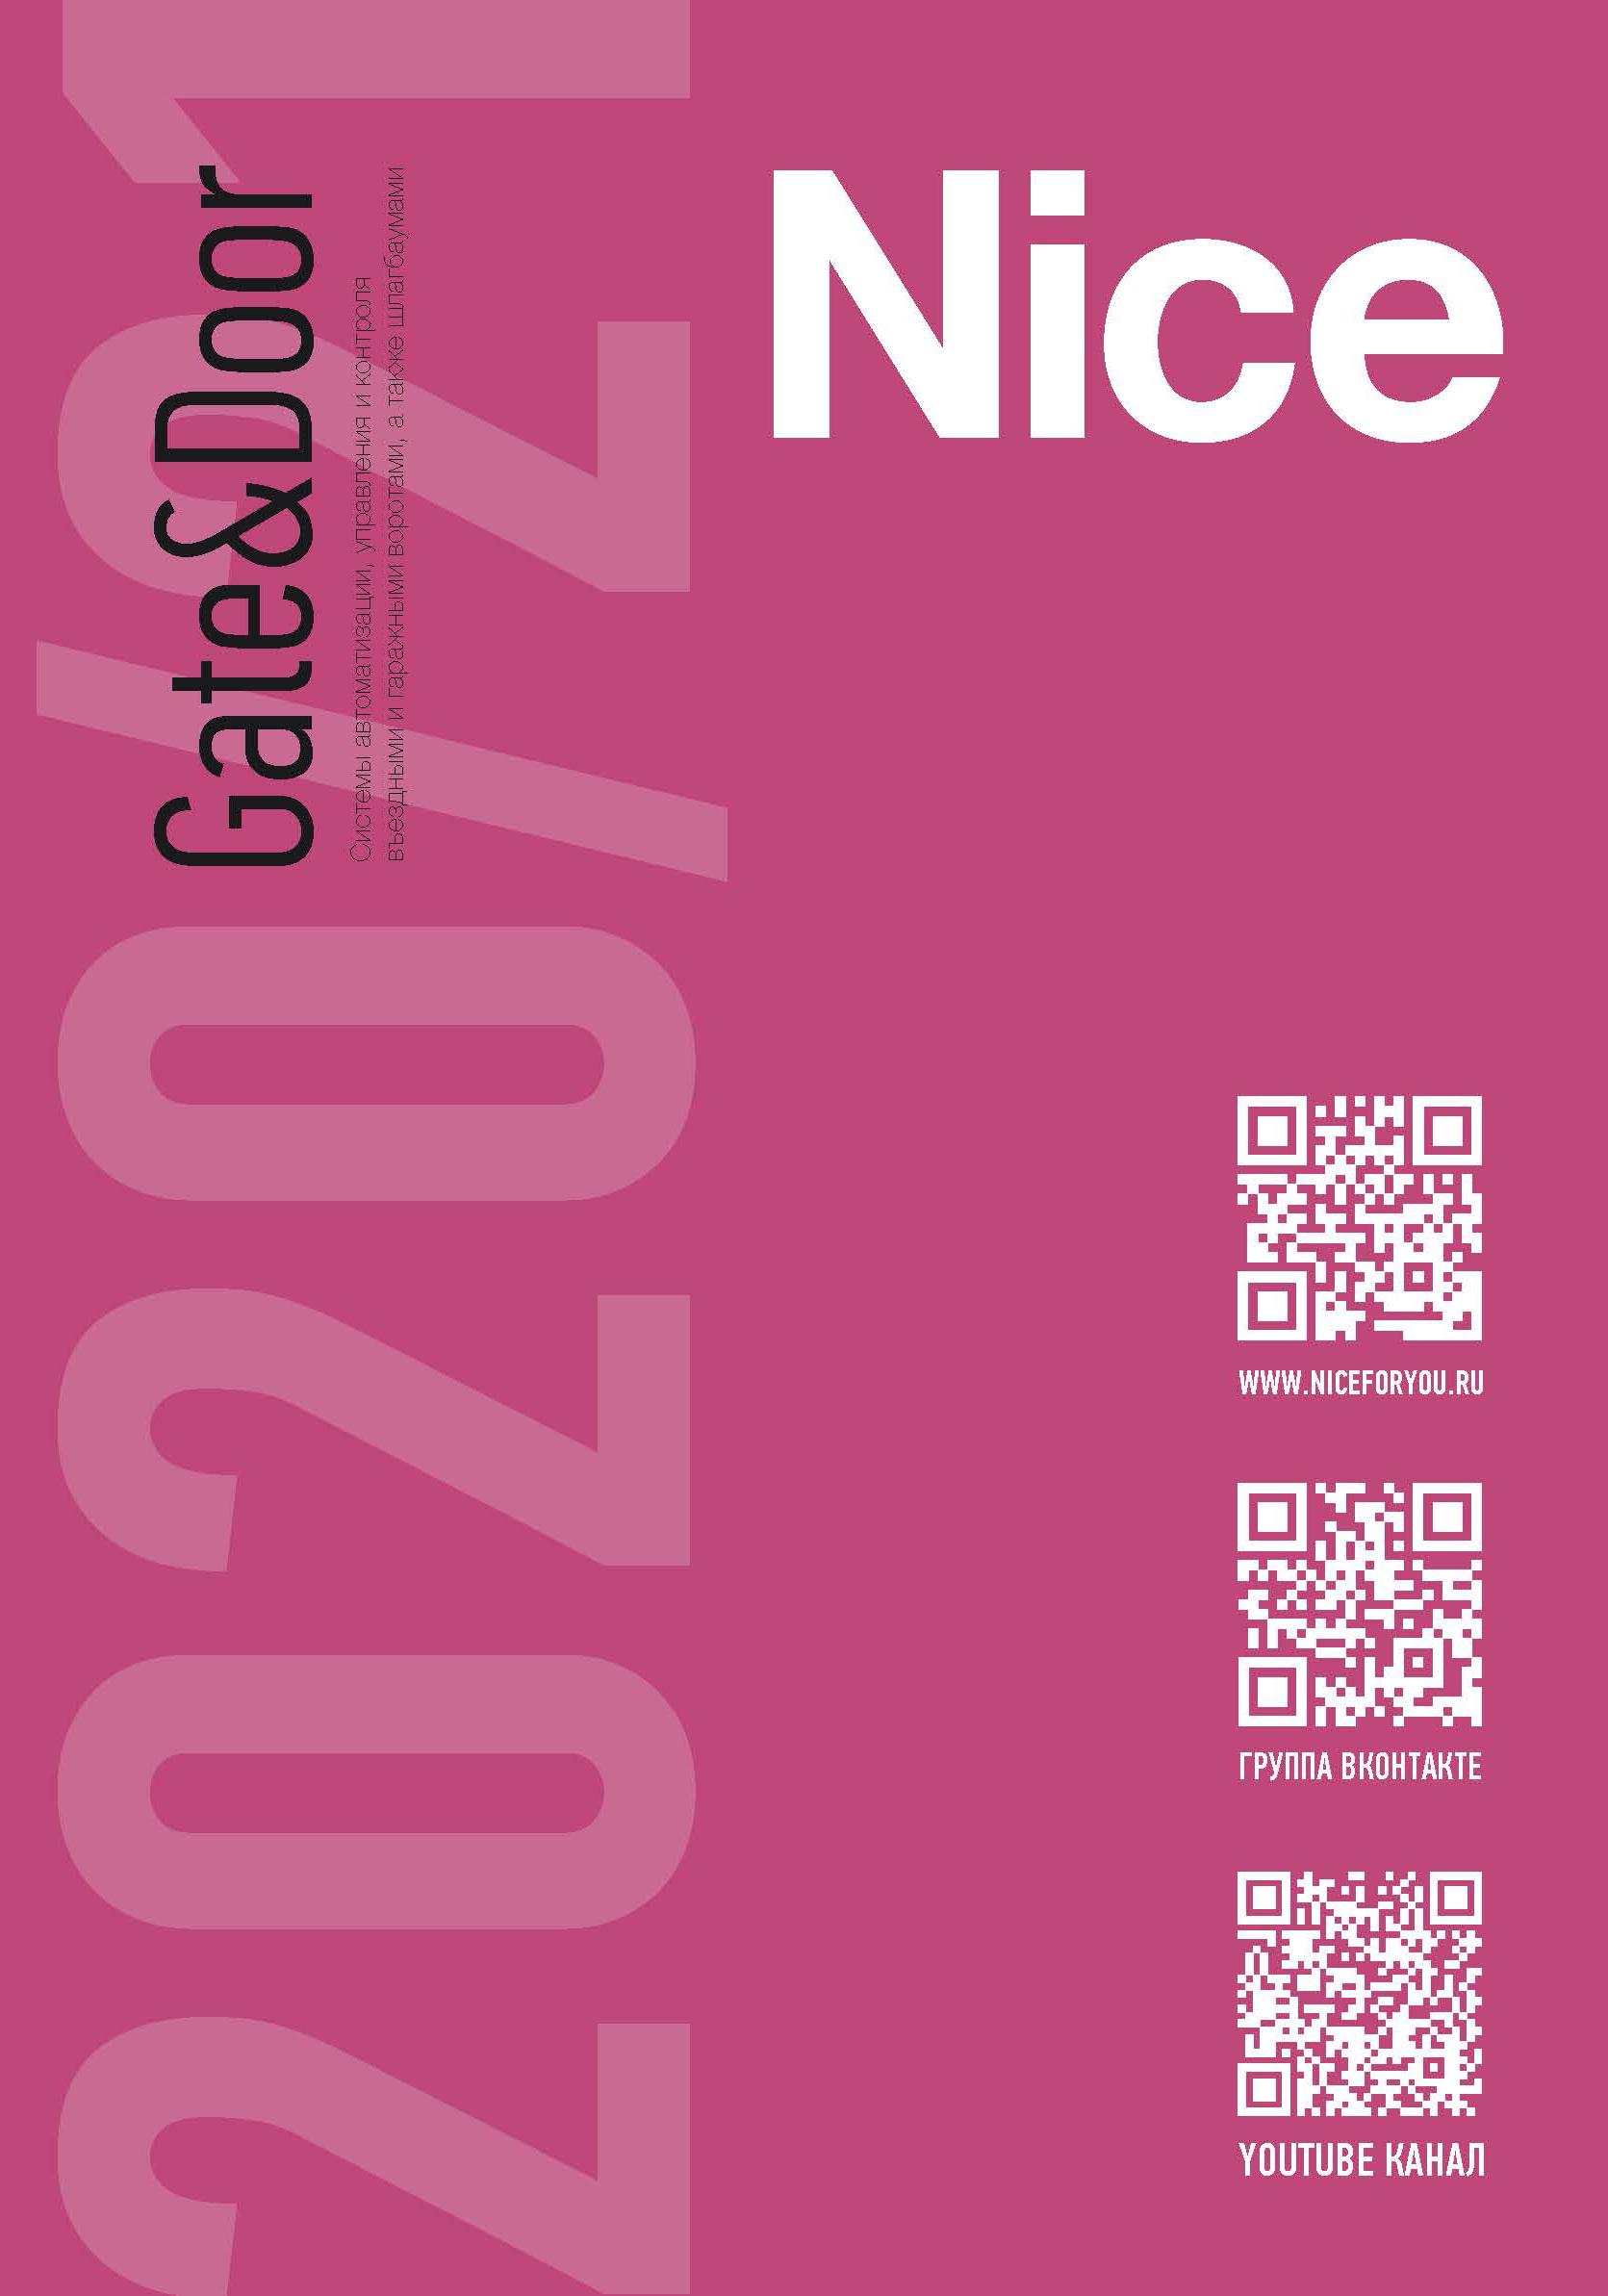 Обновленный каталог продукции Nice доступен для скачивания и в печатной версии!